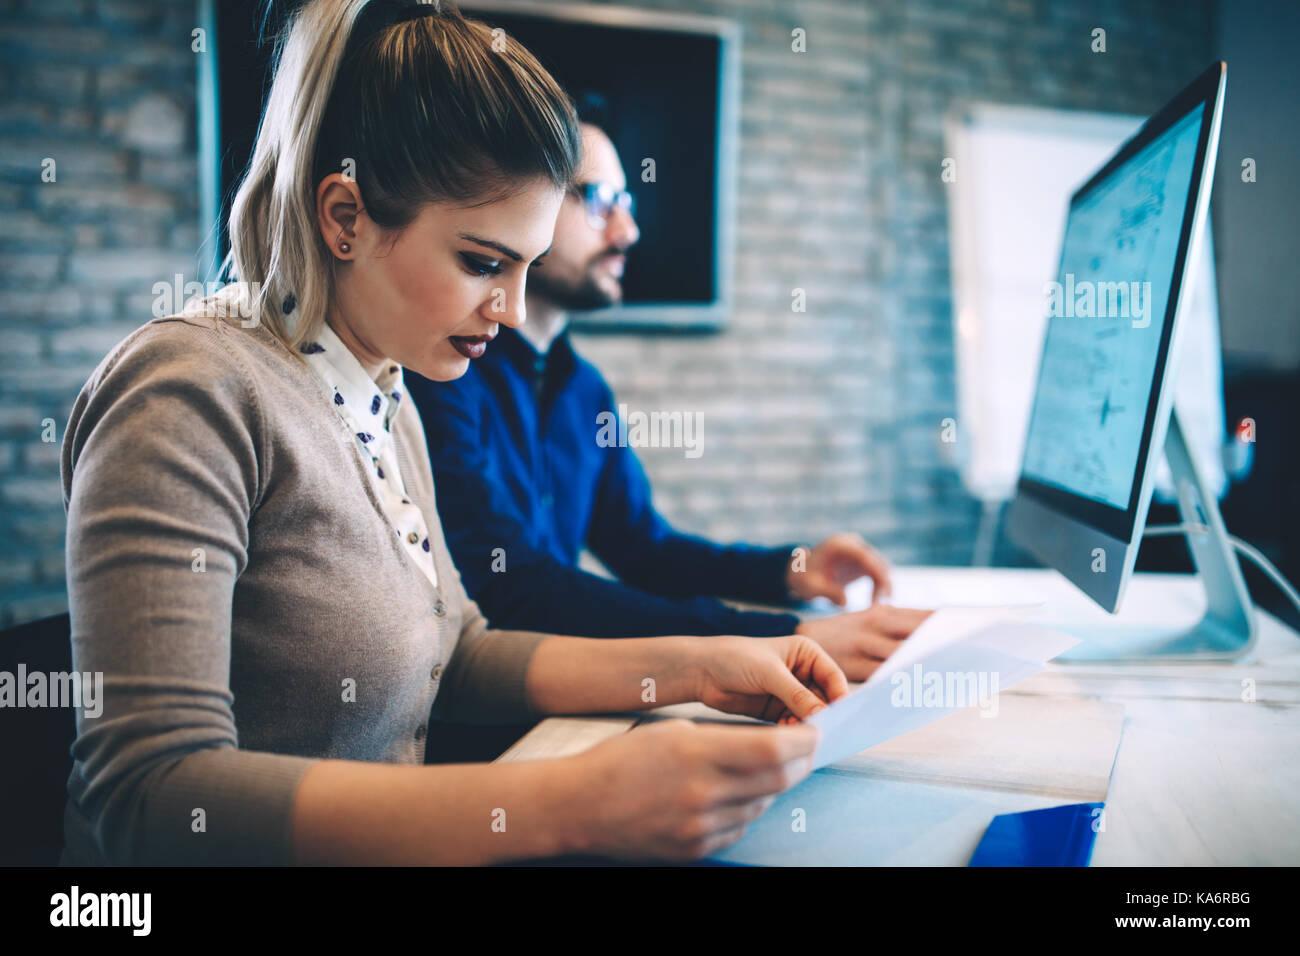 Schöne Frau arbeiten in modernen Büros Stockbild